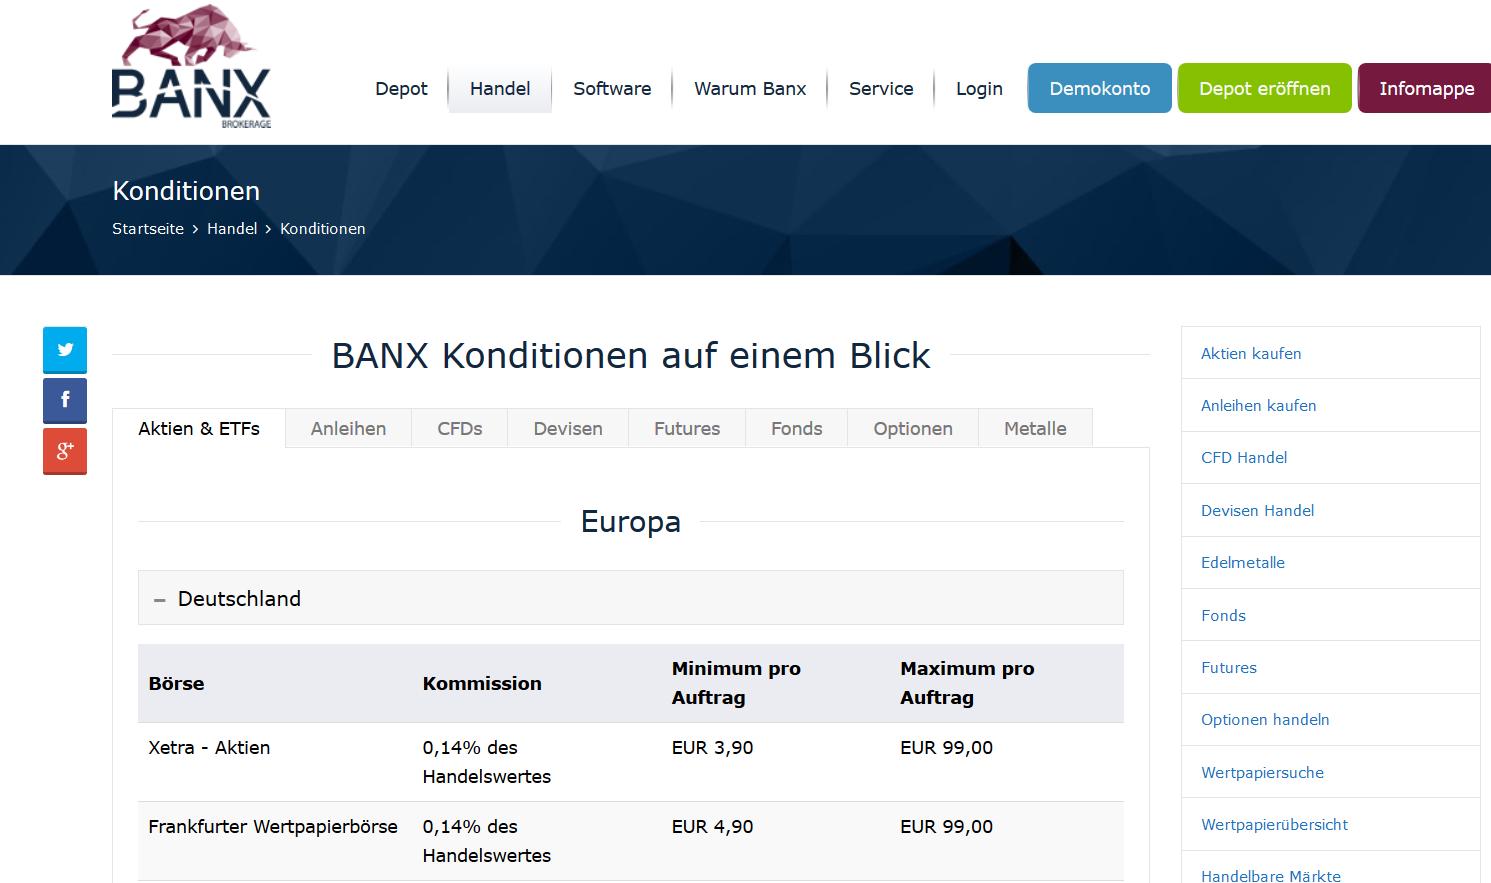 Die Konditionsübersicht für deutsche BANX-Aktien